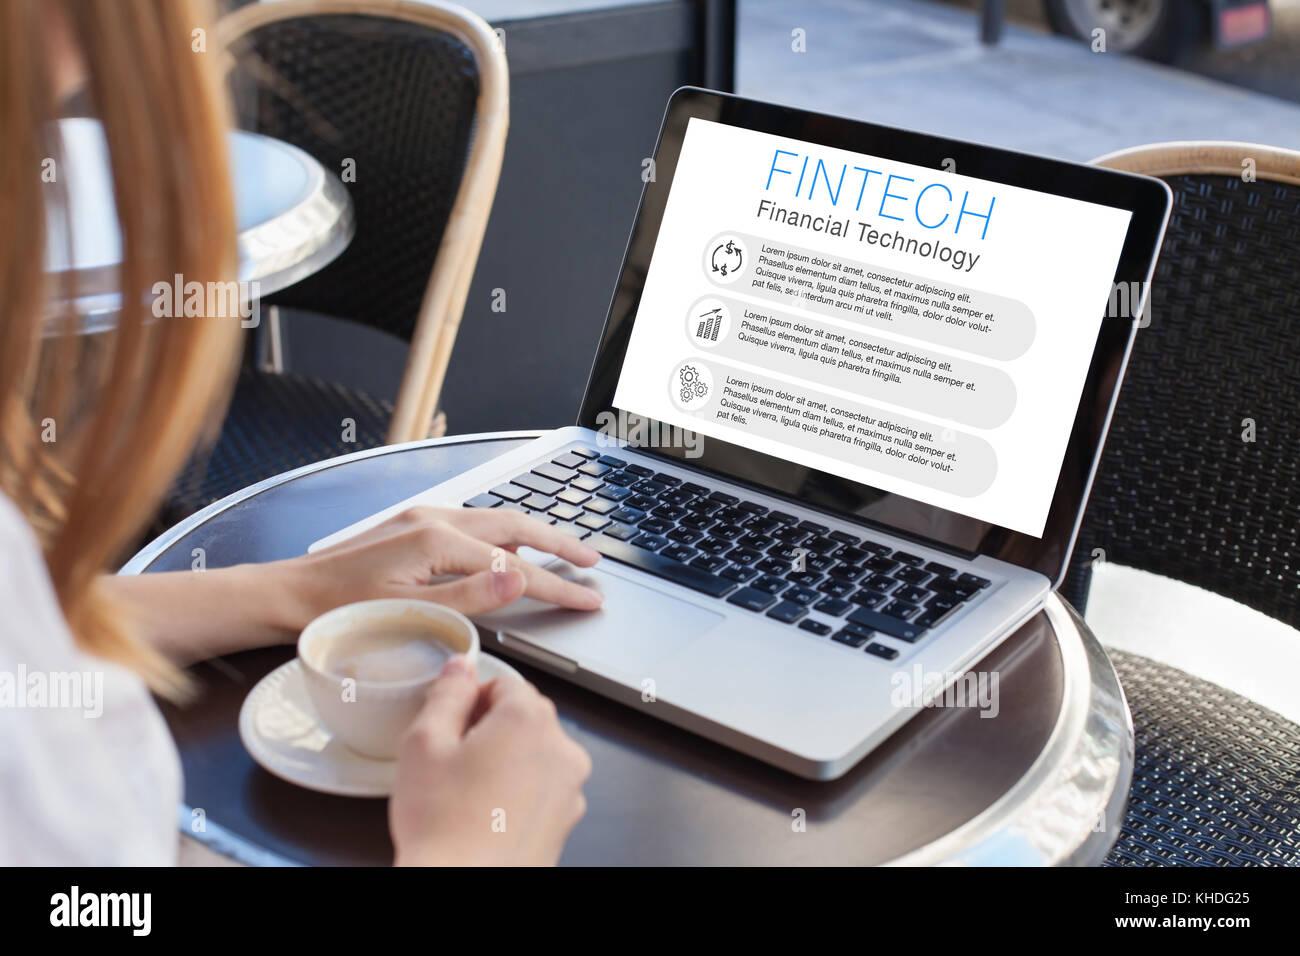 Concetto di fintech, donna lettura circa la tecnologia finanziaria sullo schermo del computer Immagini Stock